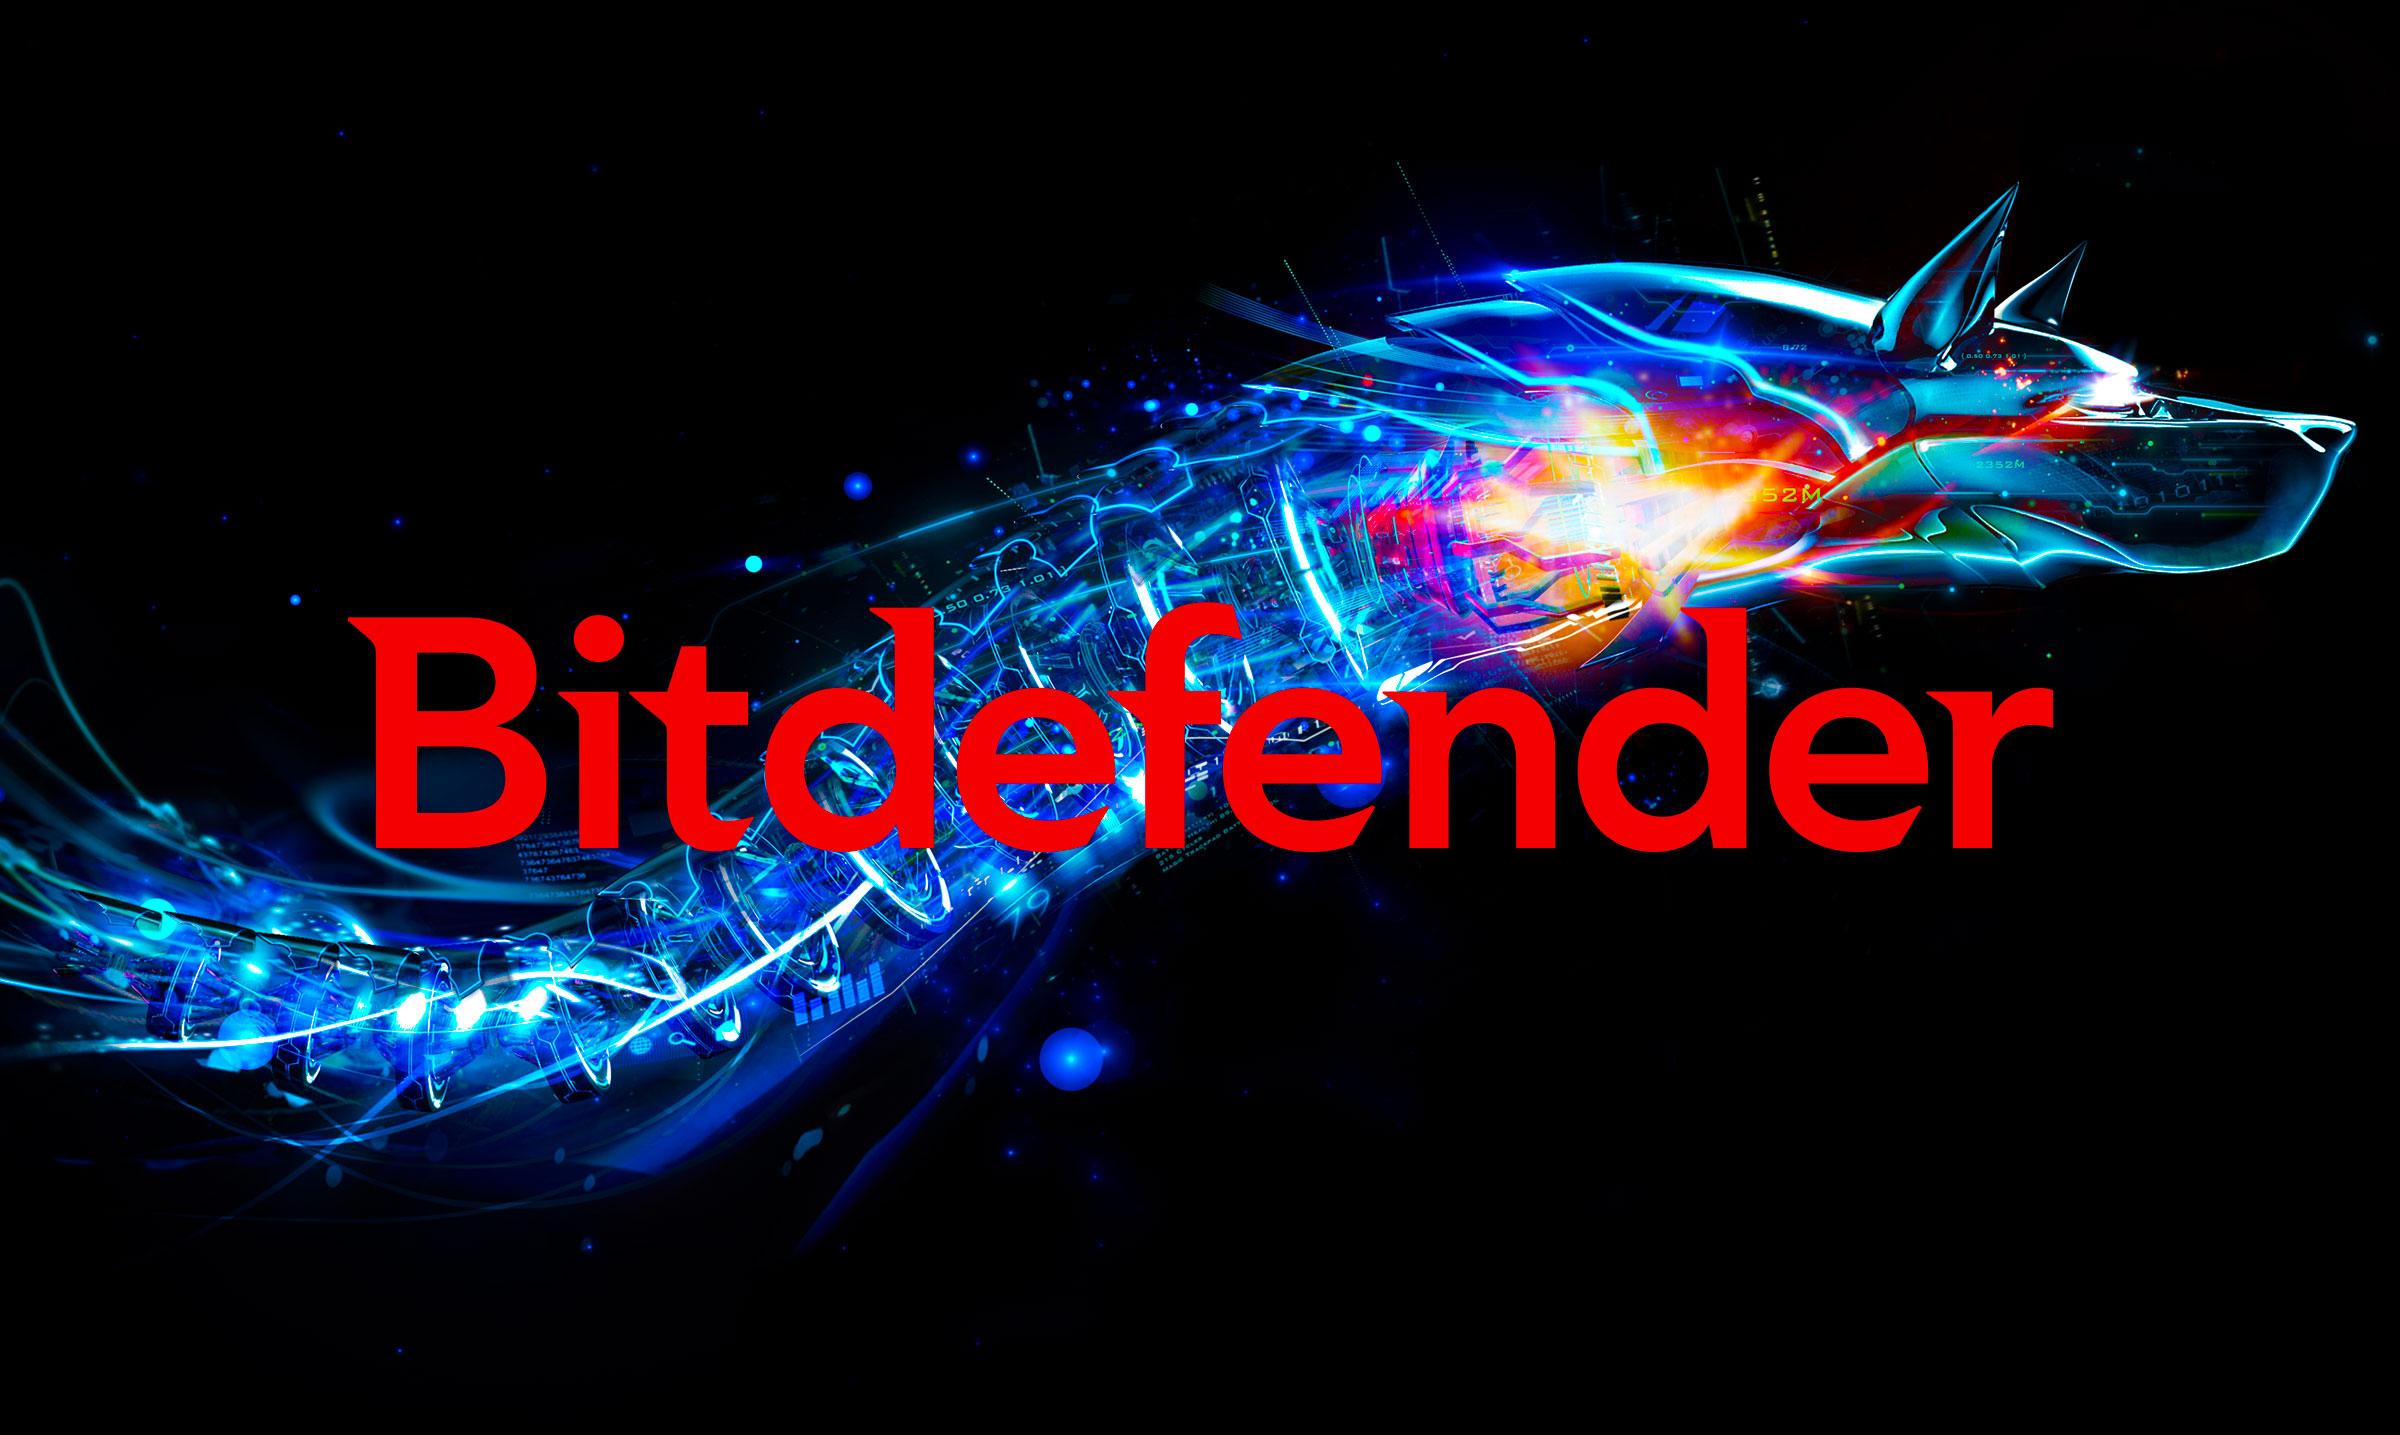 Bitdefender - Brandient